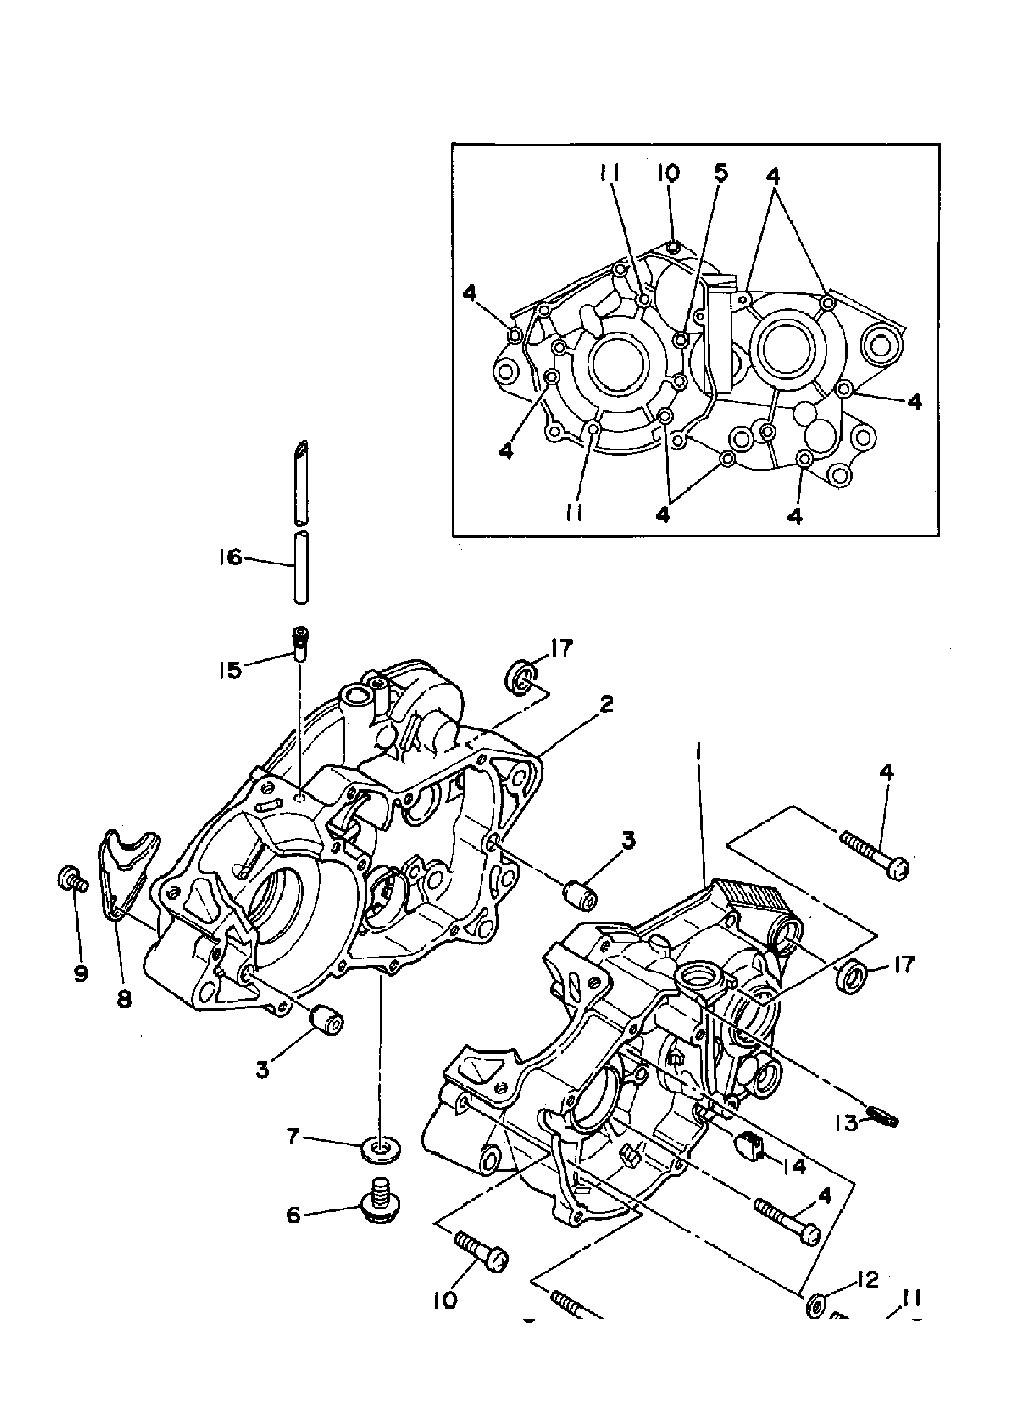 2001 Yamaha Blaster Engine Diagram Wiring Diagrams Schematics